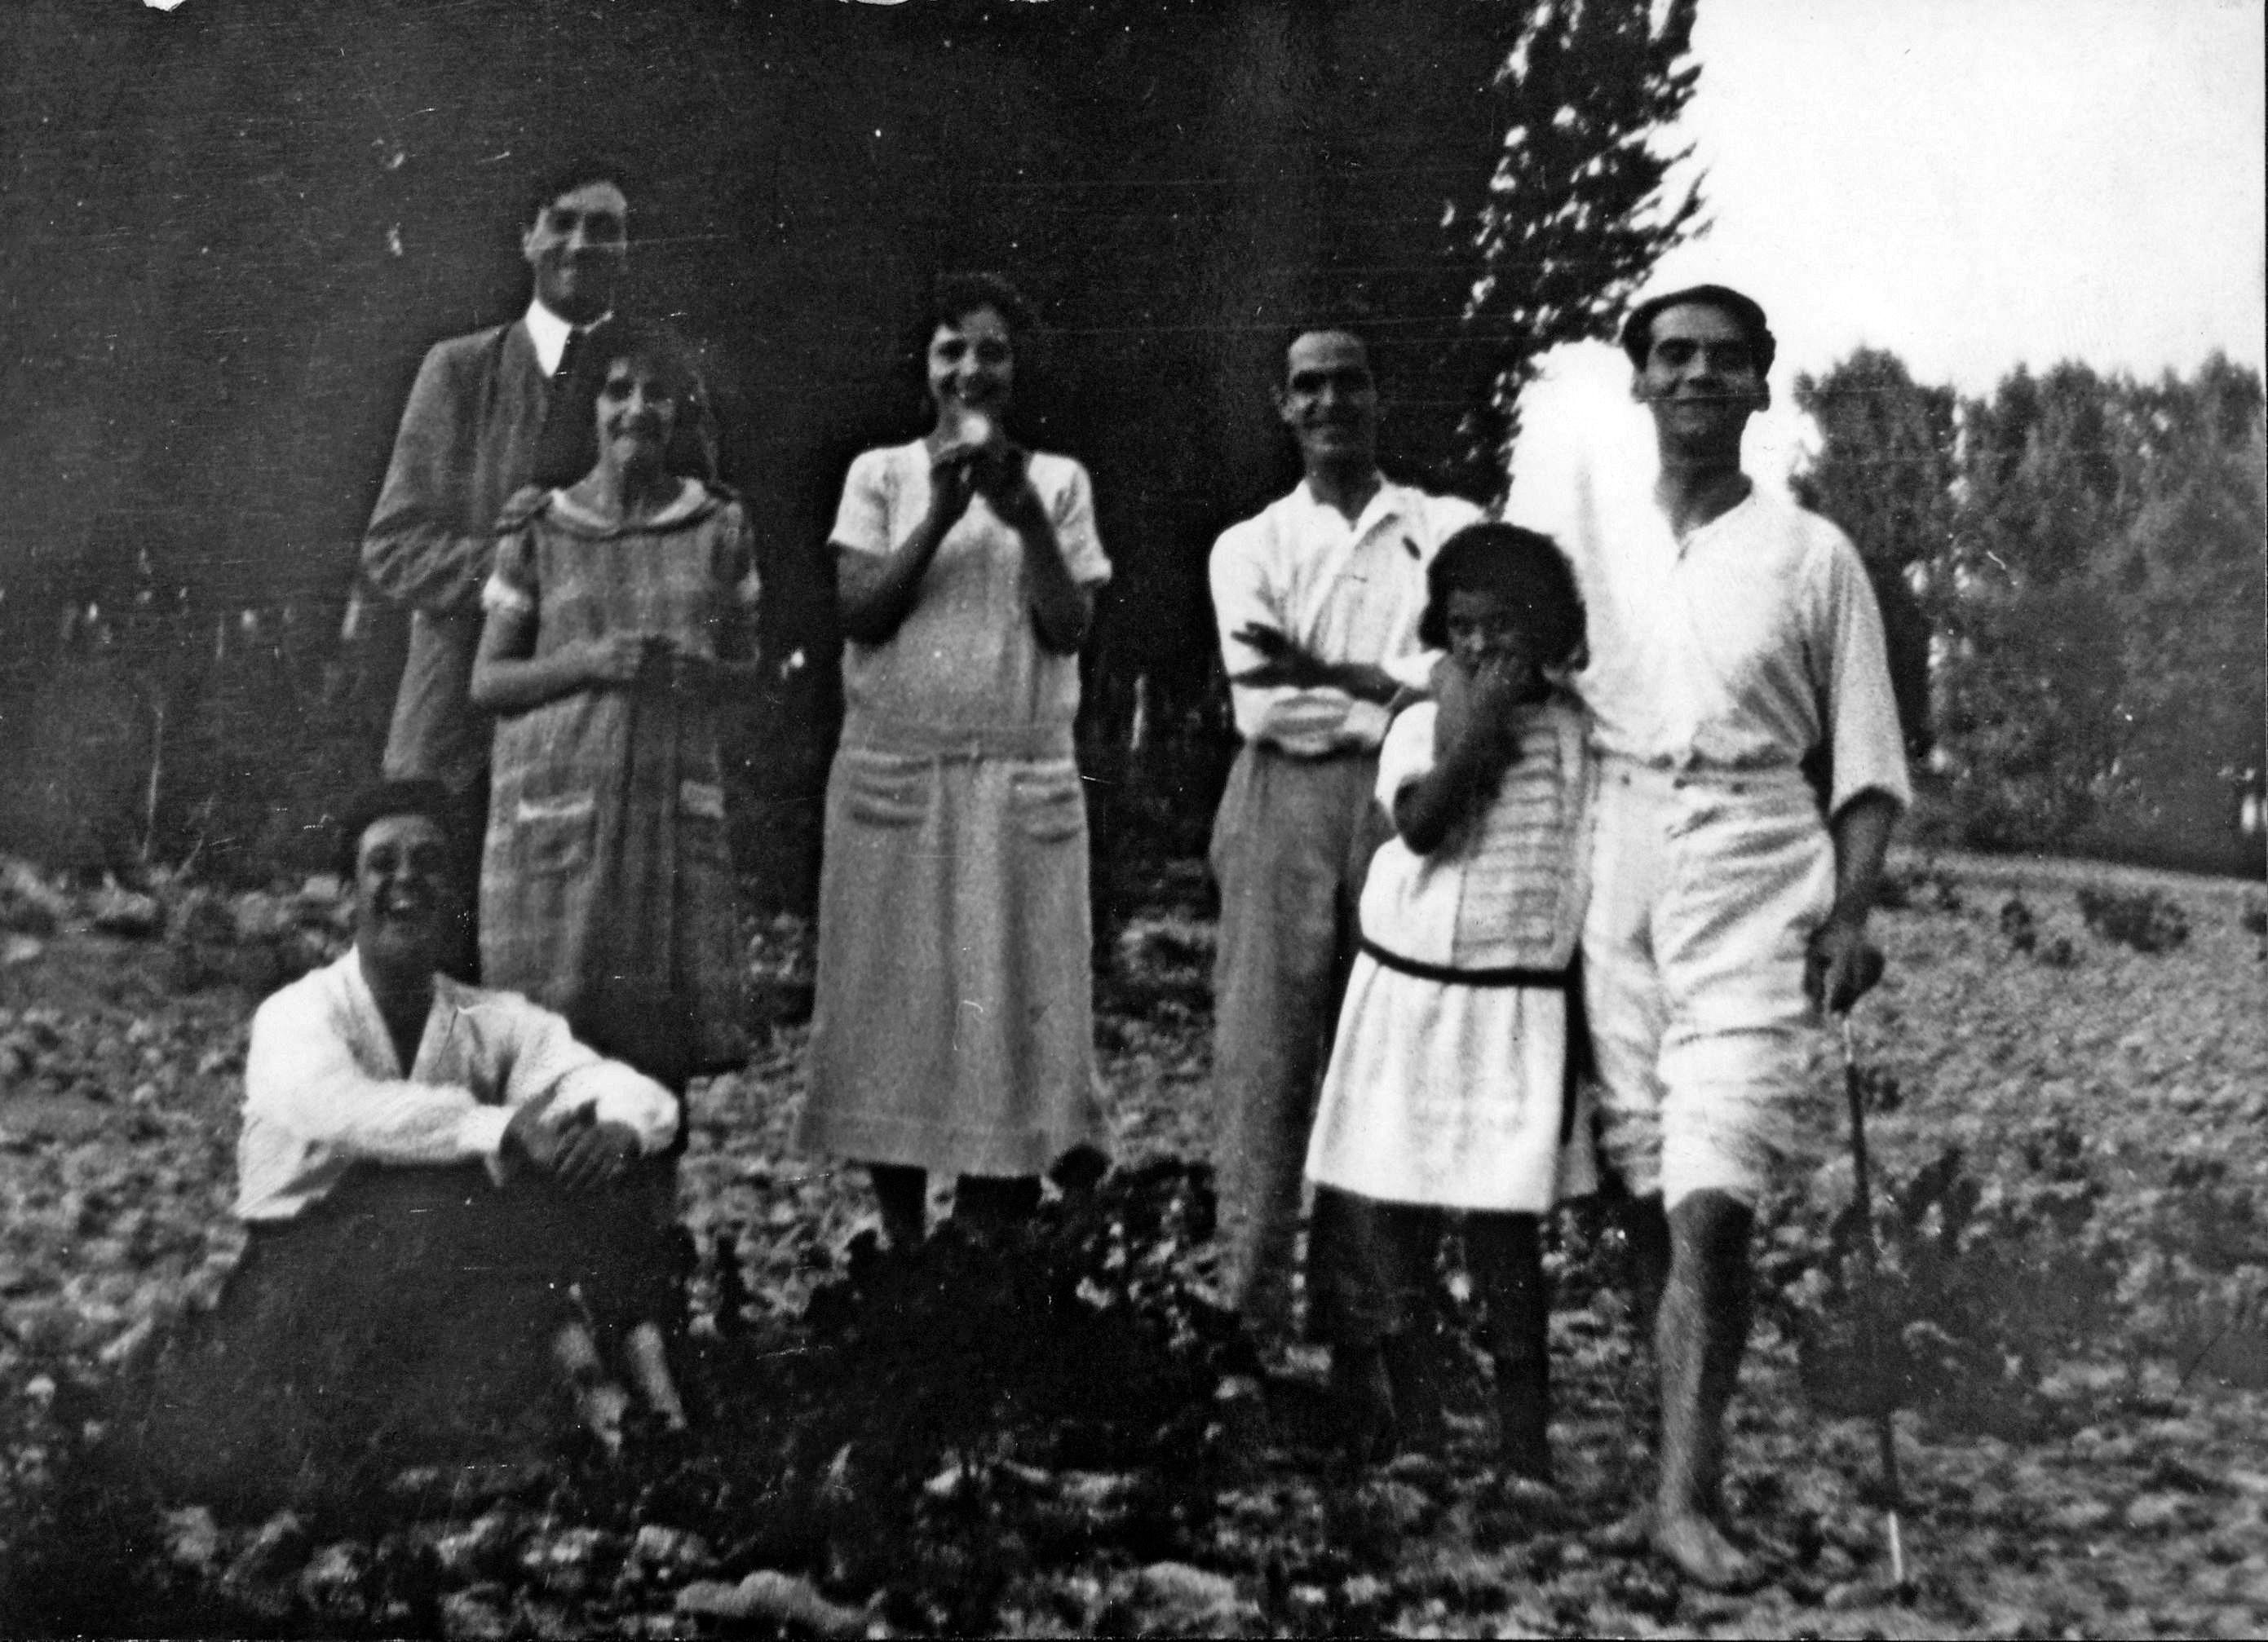 De pie, de izquierda a derecha, Manuel Ángeles Ortiz. Isabel y Concha García Lorca, Enrique González García, Mercedes Delgado y Federico. Sentado, Enrique García Palacios.